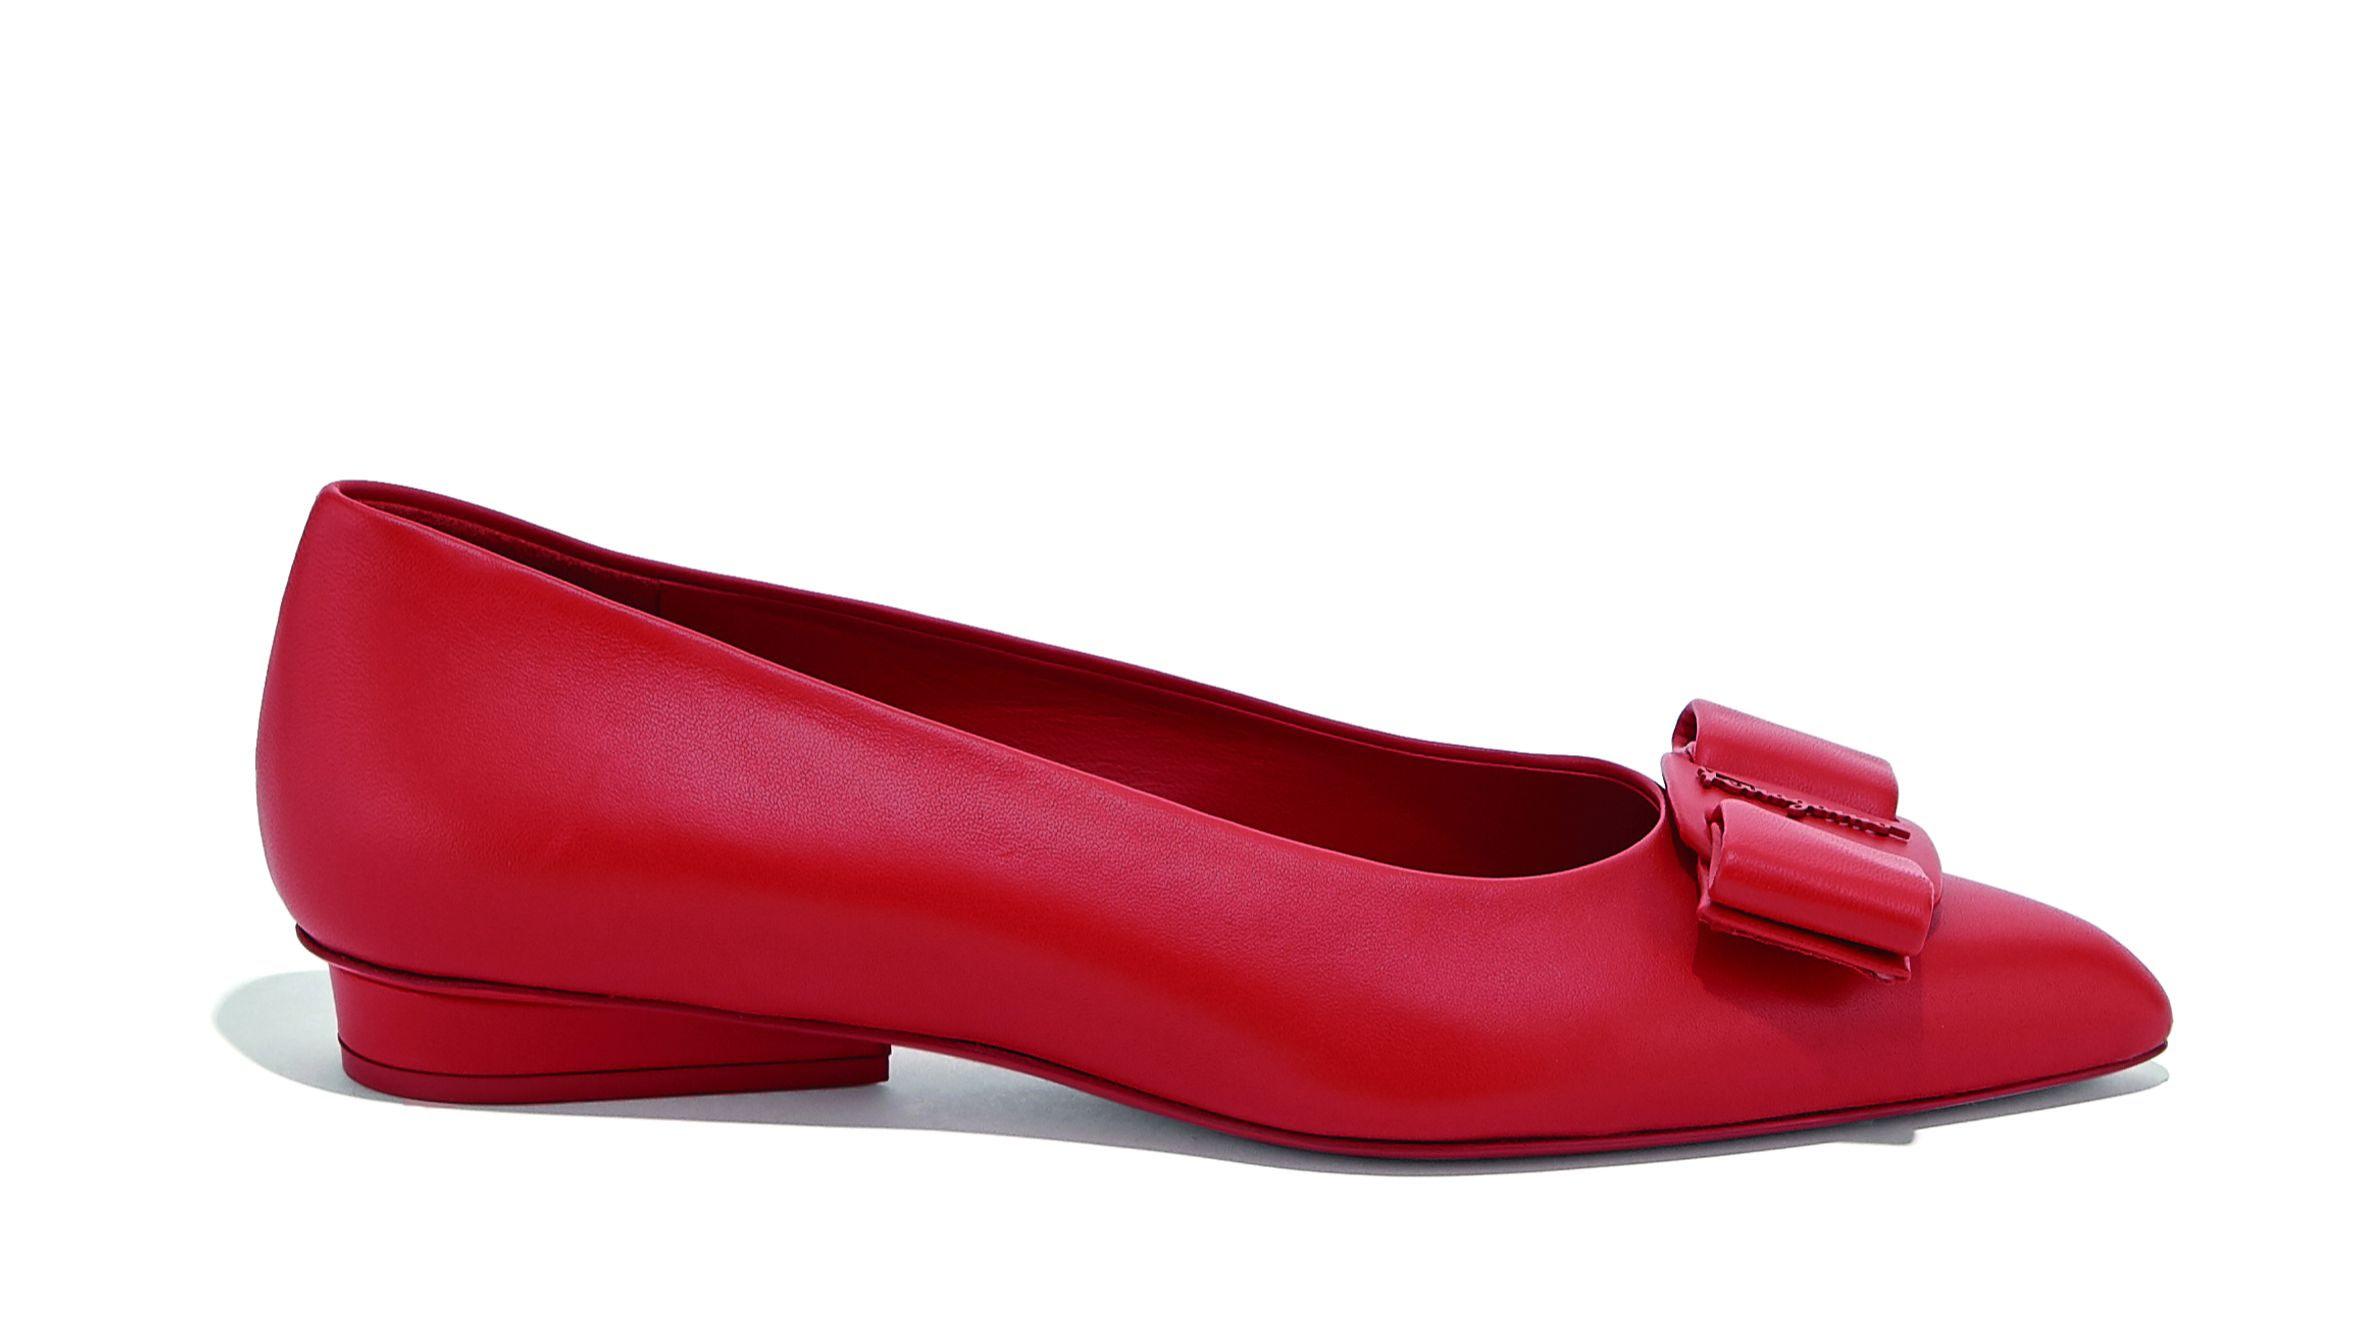 3ae7b72e 99bd 48b5 8e2c 08de1b1f136e - Salvatore Ferragamo presenta la campaña del zapato 'VIVA'